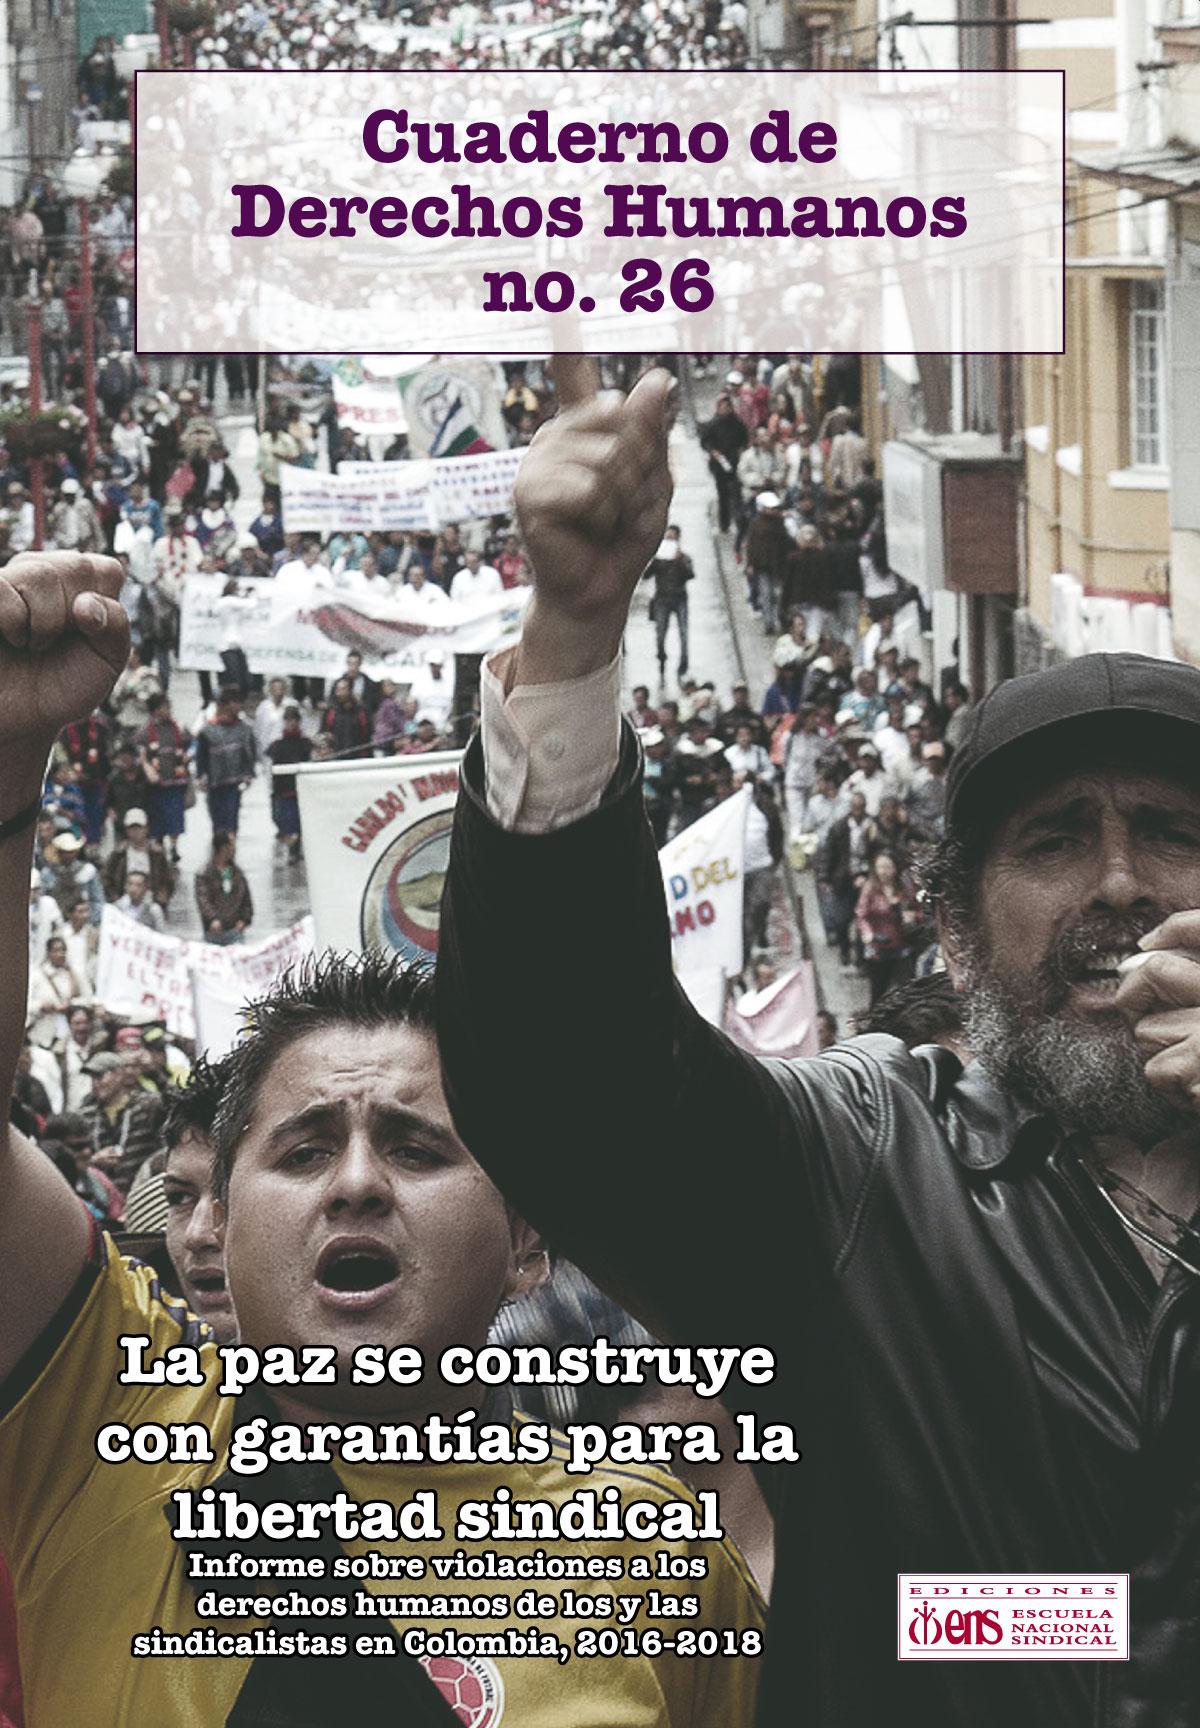 Cuaderno de Derechos Humanos 26. La paz se construye con garantías para la libertad sindical